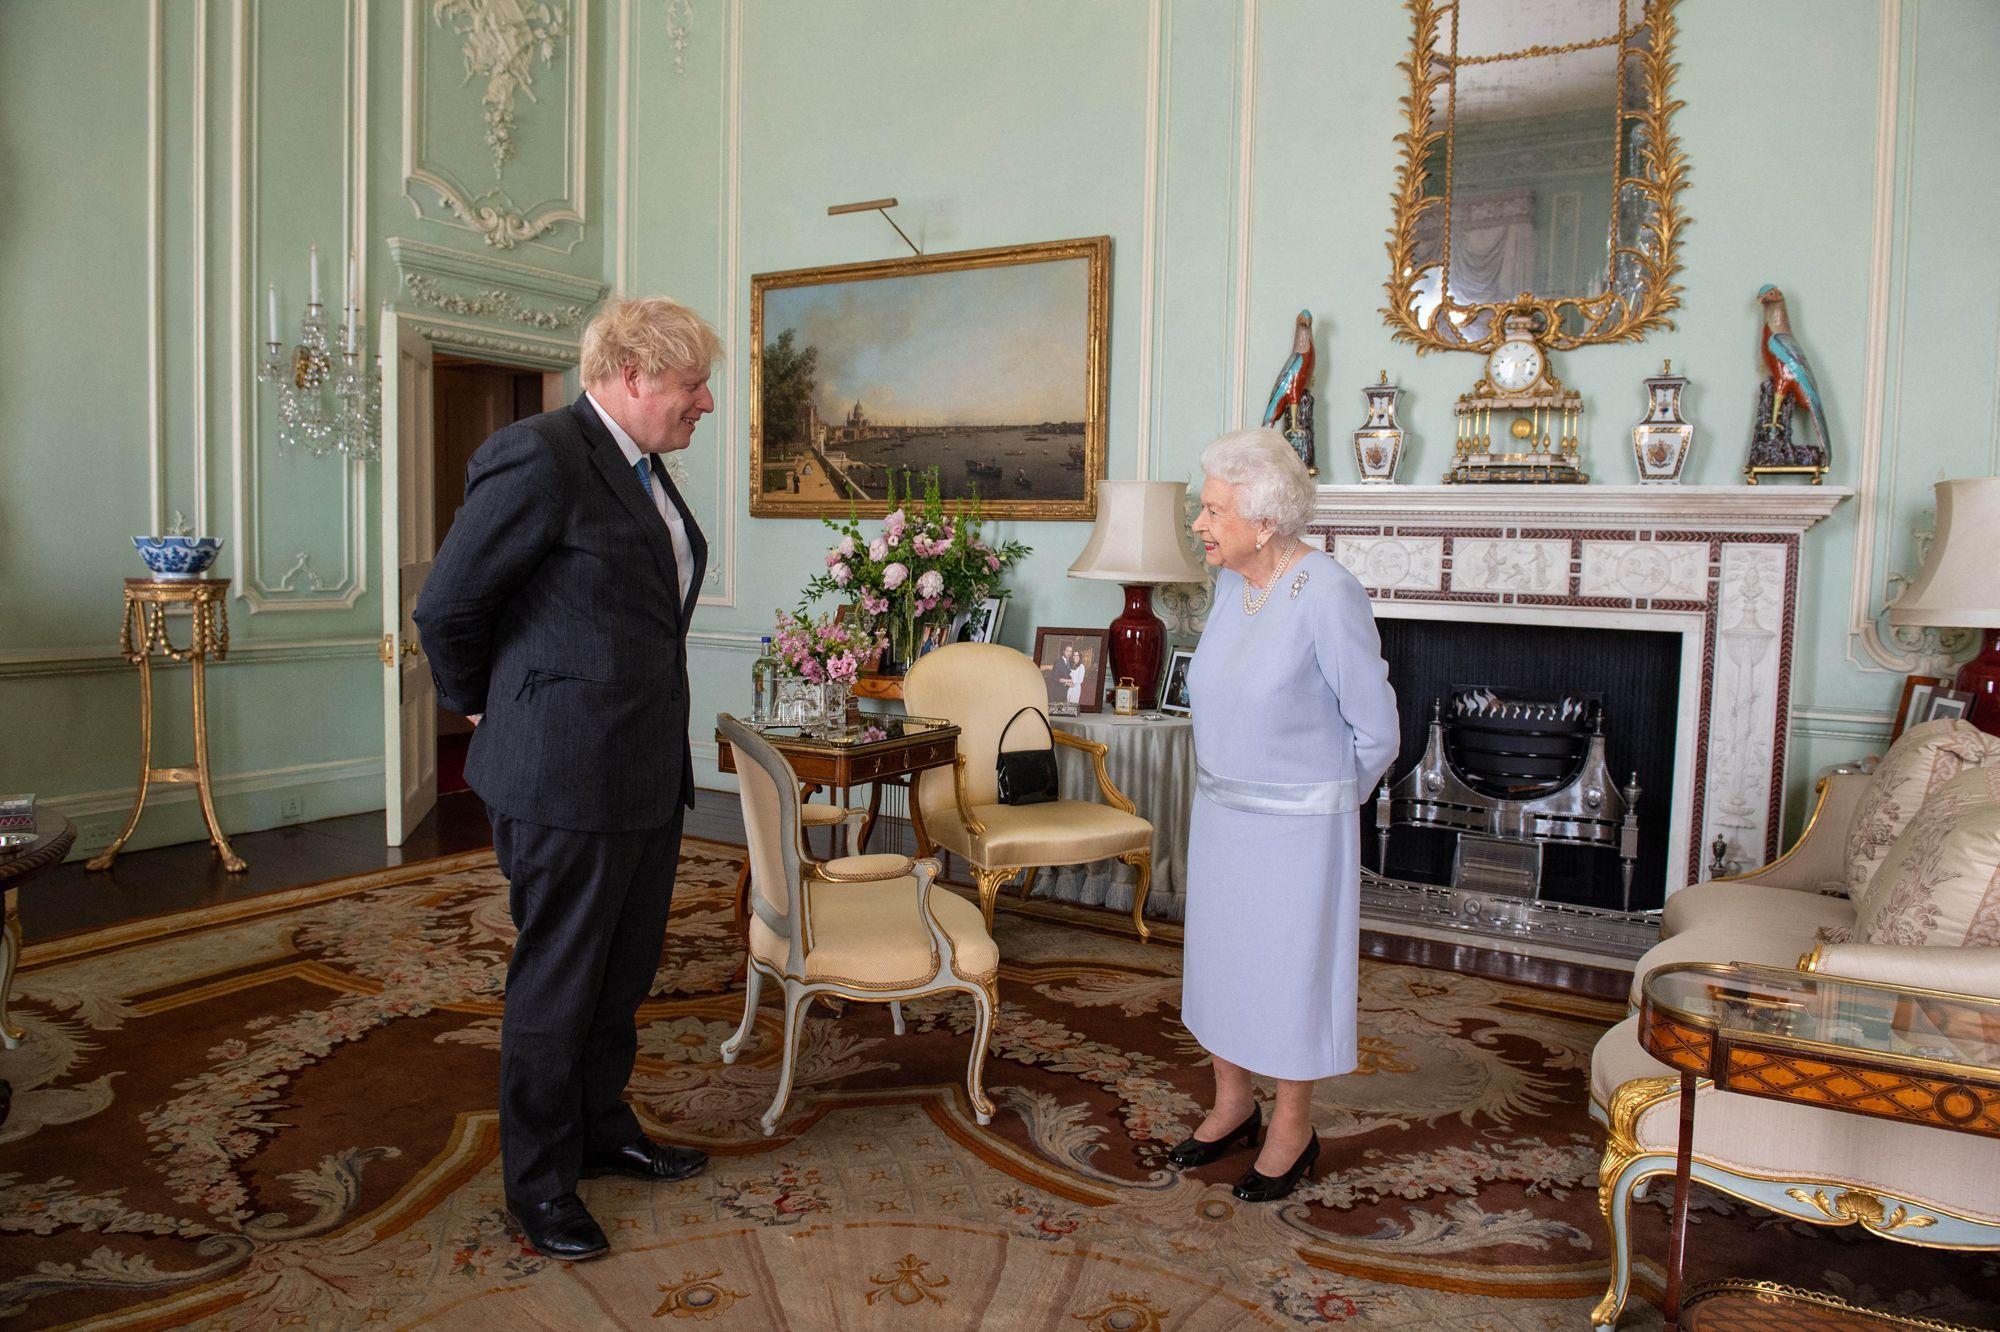 Un partenaire de choix ! - Page 2 Elizabeth-II-a-pu-reprendre-ses-audiences-en-tete-a-tete-avec-Boris-Johnson